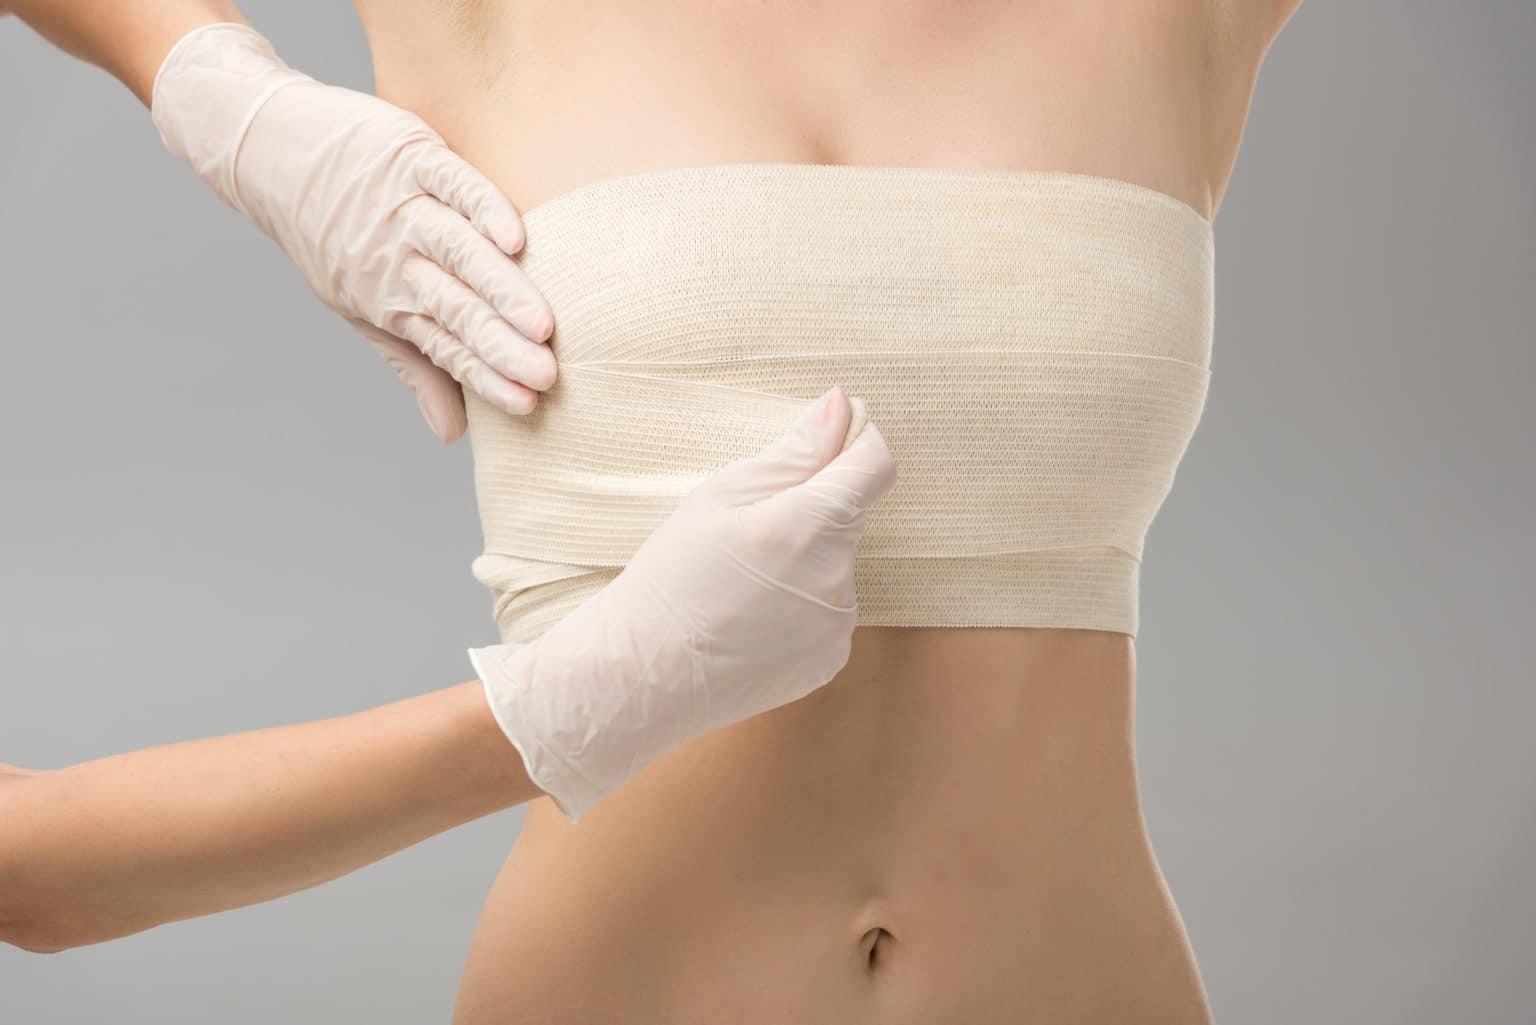 Efter bröstreduktion, kvinna med bandage runt brösten